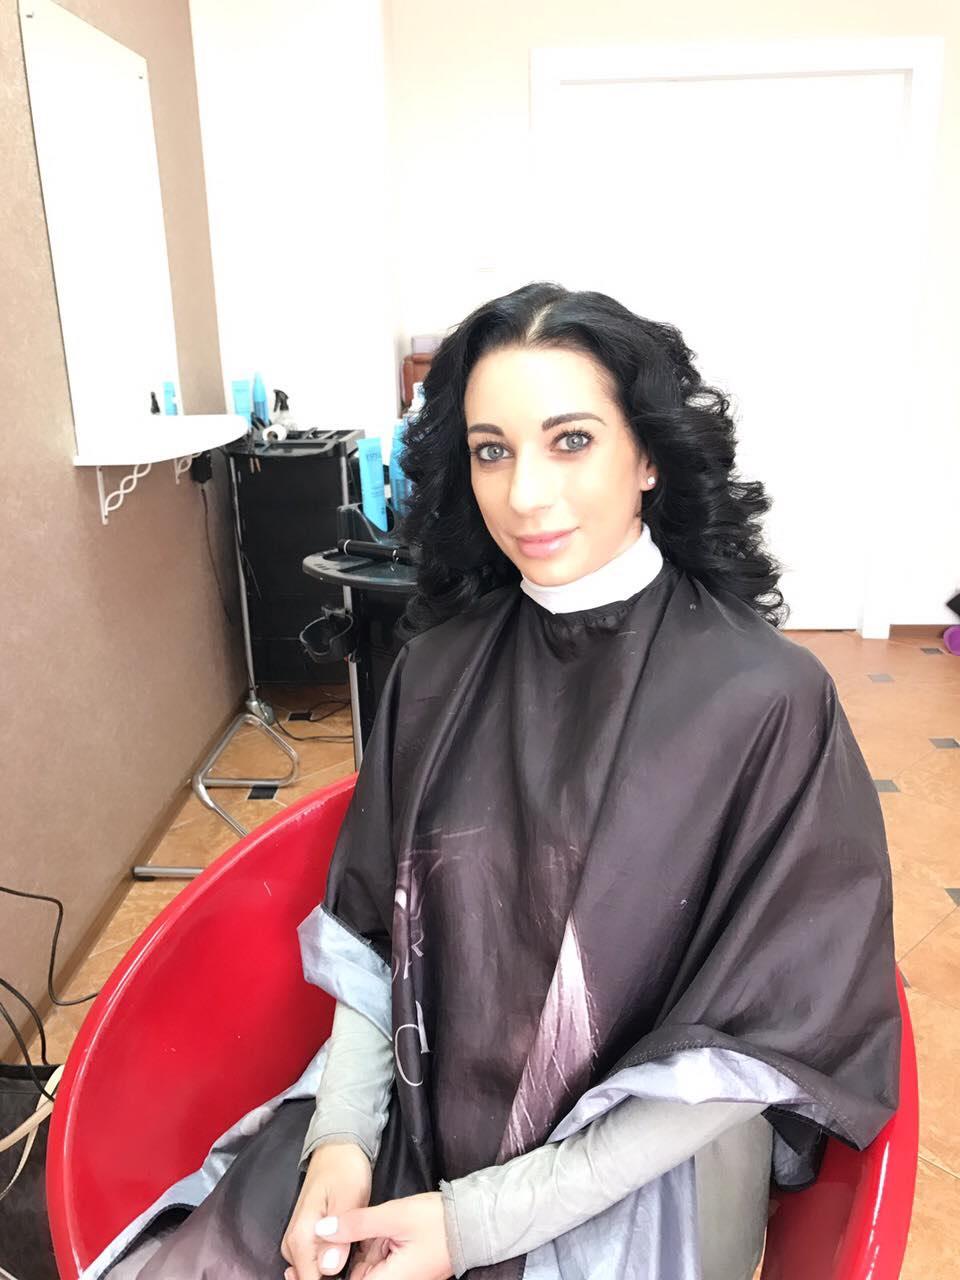 """Ботокс волос, стрижка горячими ножницами, экранирование, мелирование, уход за волосами от 12 руб, окрашивание волос, корней краской """"Matrix"""" (США) от 17,50 руб, без доплат!"""